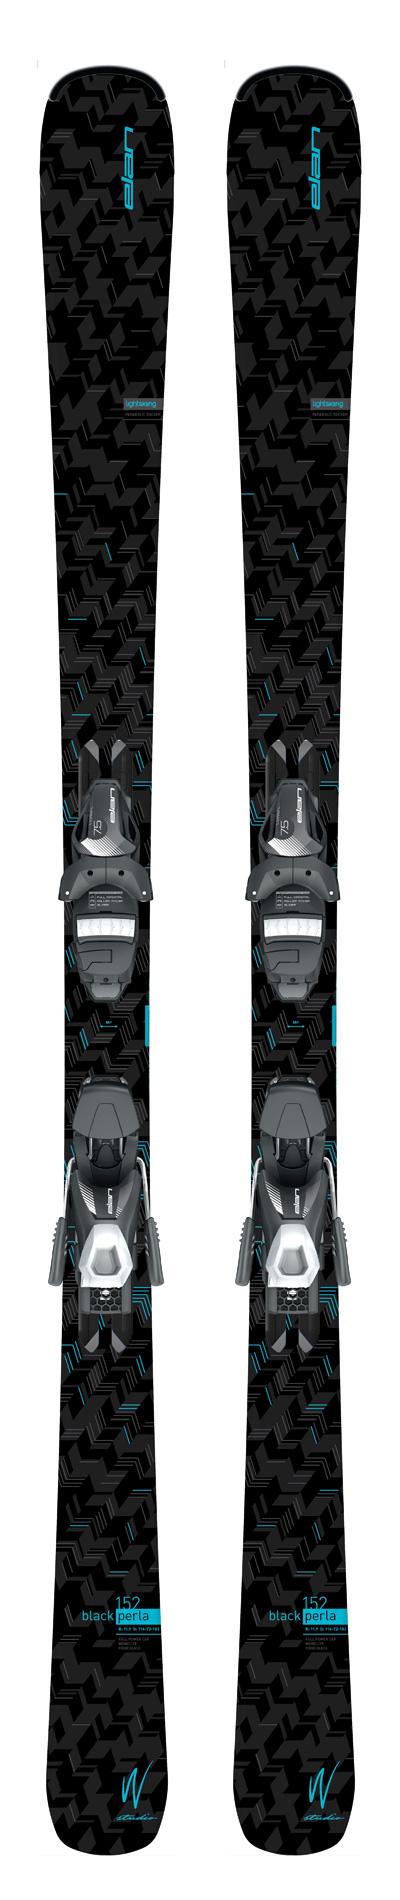 Горные лыжи с креплениями Elan 2016-17 BLACK PERLA LS EL7.5